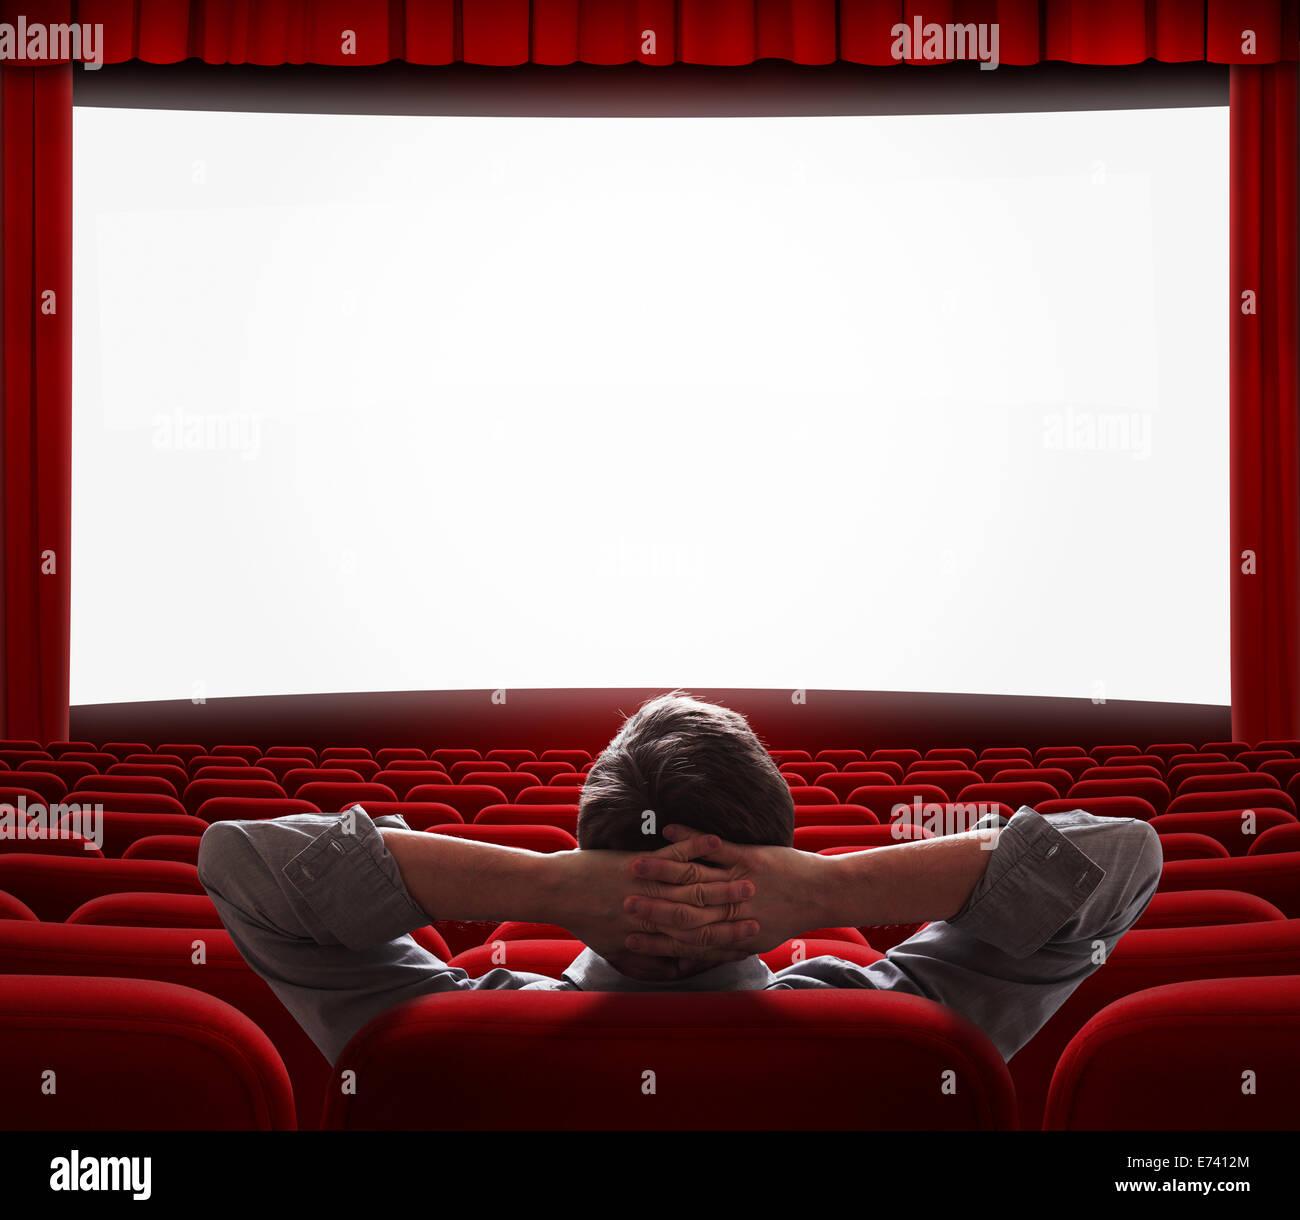 Uno relajado hombre sentado solo con confort como en casa delante de la pantalla grande en la sala de cine vacía Imagen De Stock